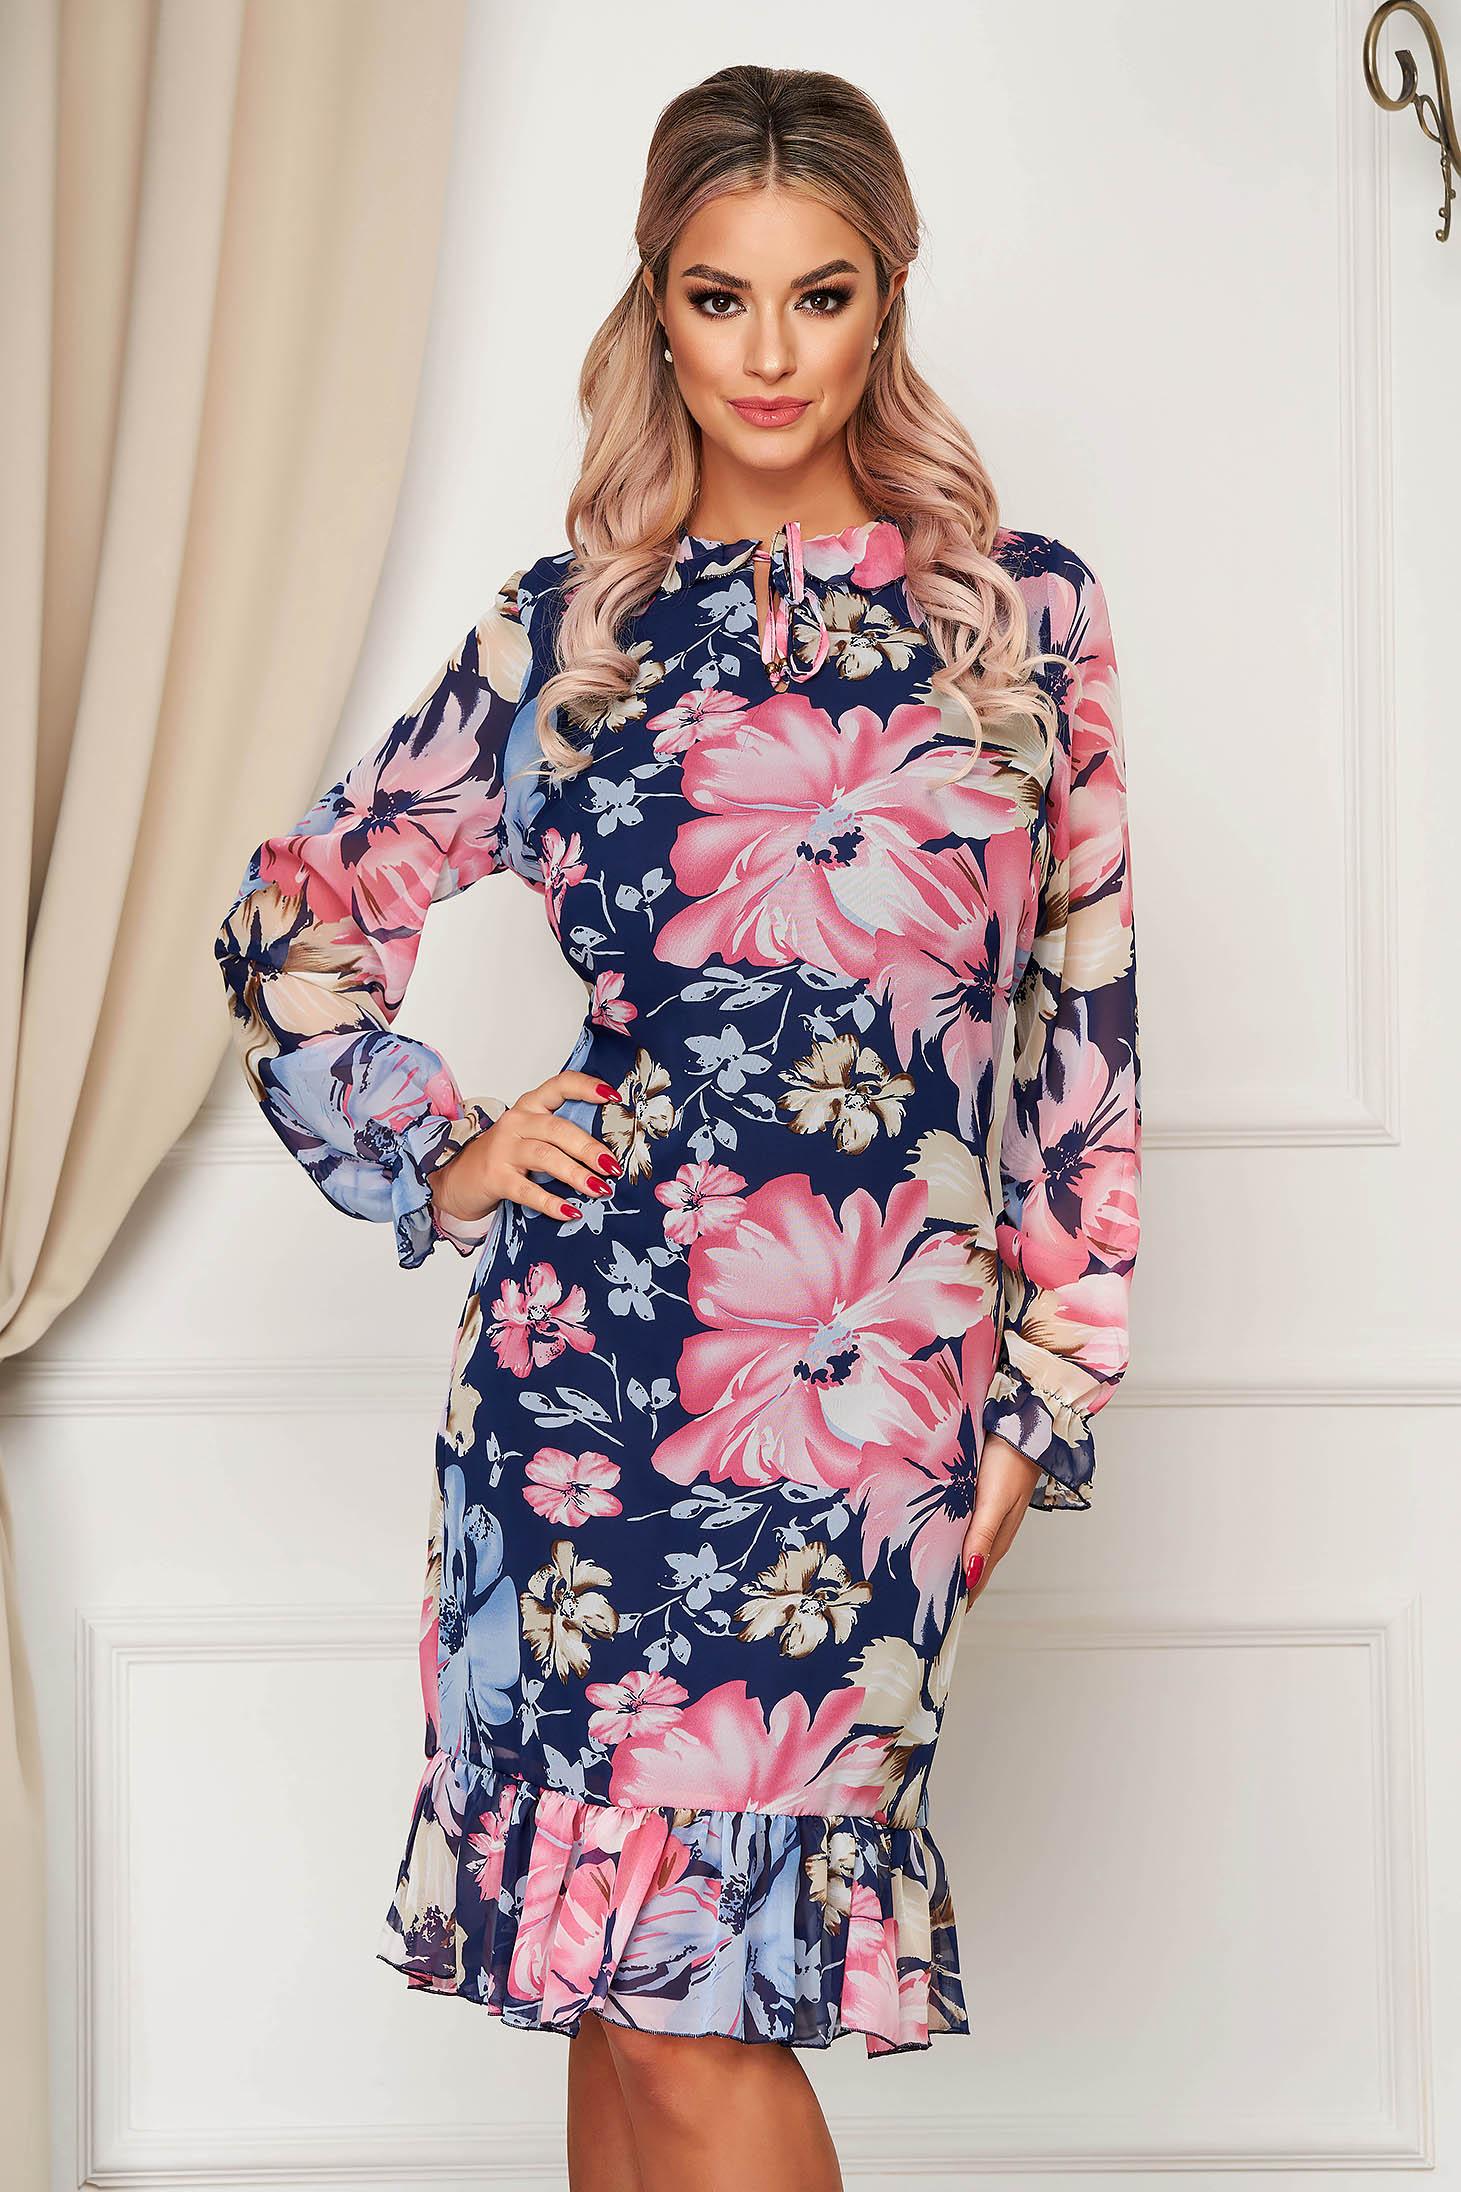 Rochie StarShinerS cu imprimeu floral eleganta cu un croi drept cu volanase la baza rochiei